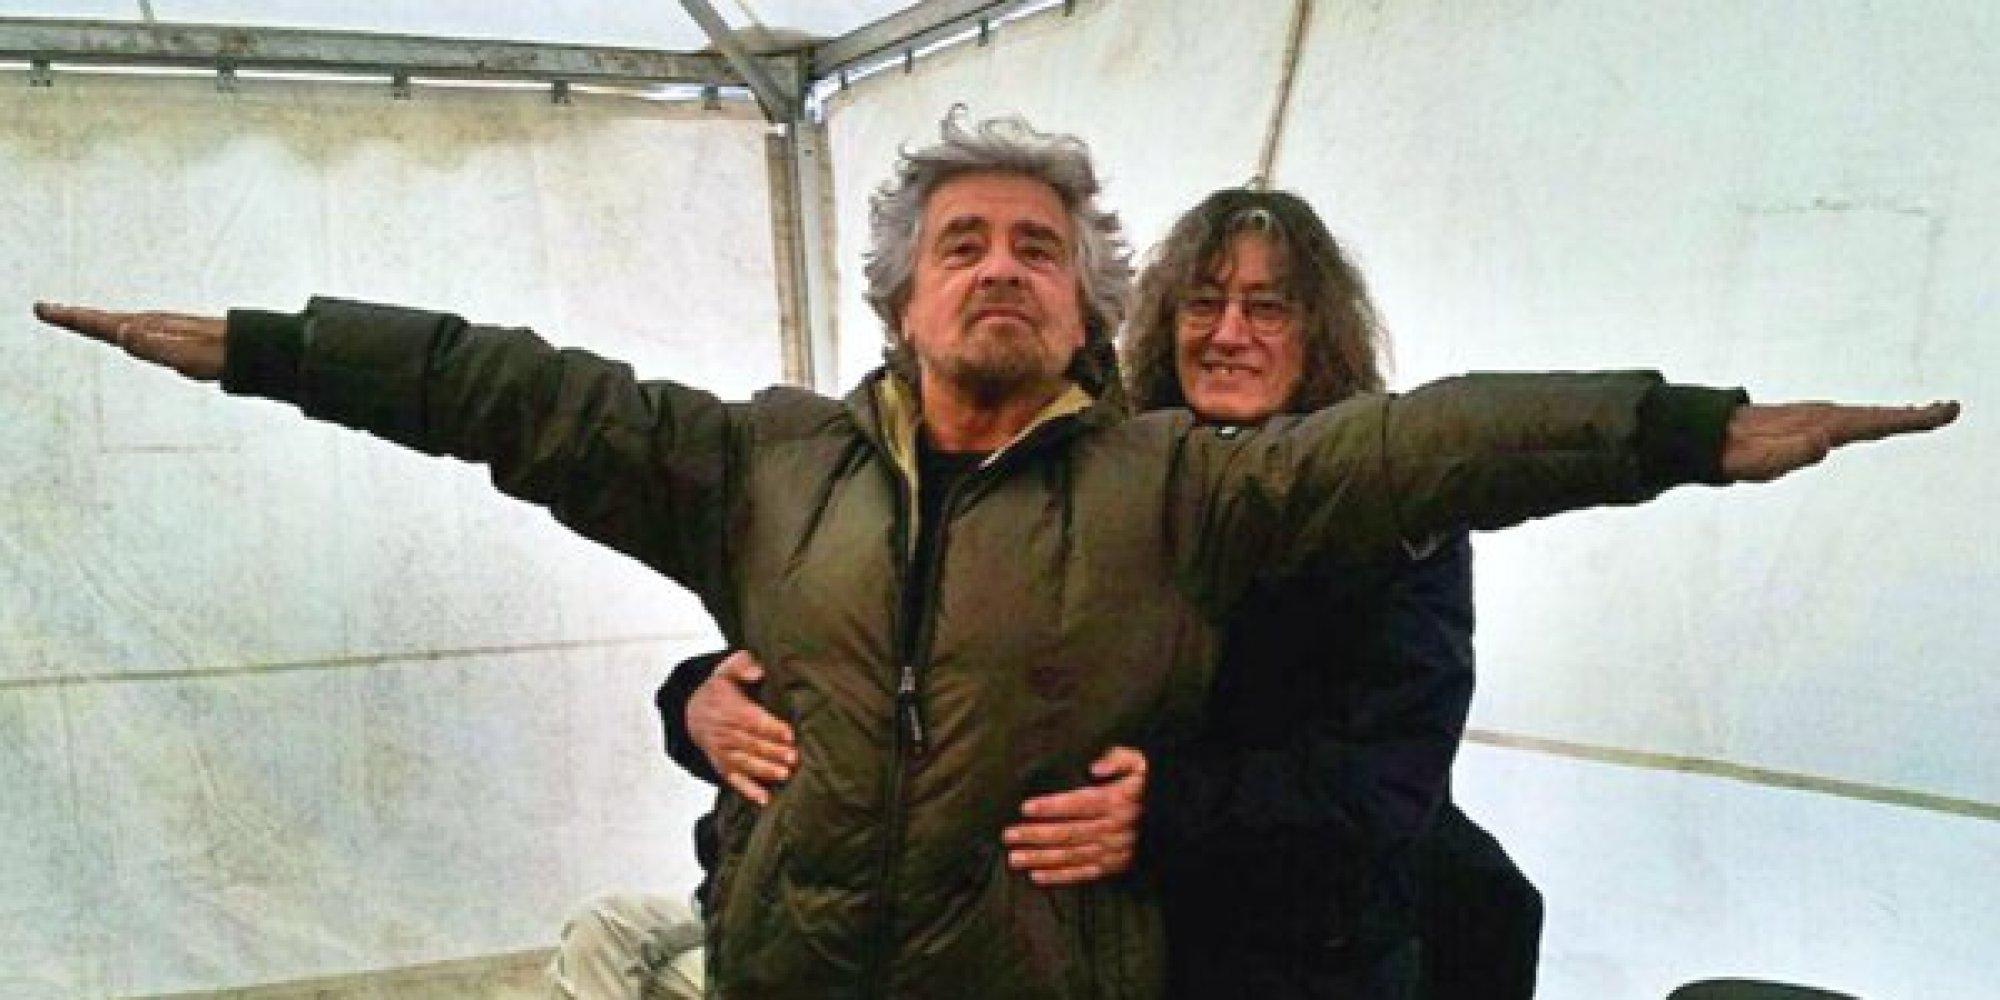 Grazie a Grillo e Casaleggio senza di     loro noi m5s  non ci saremmo mai stati